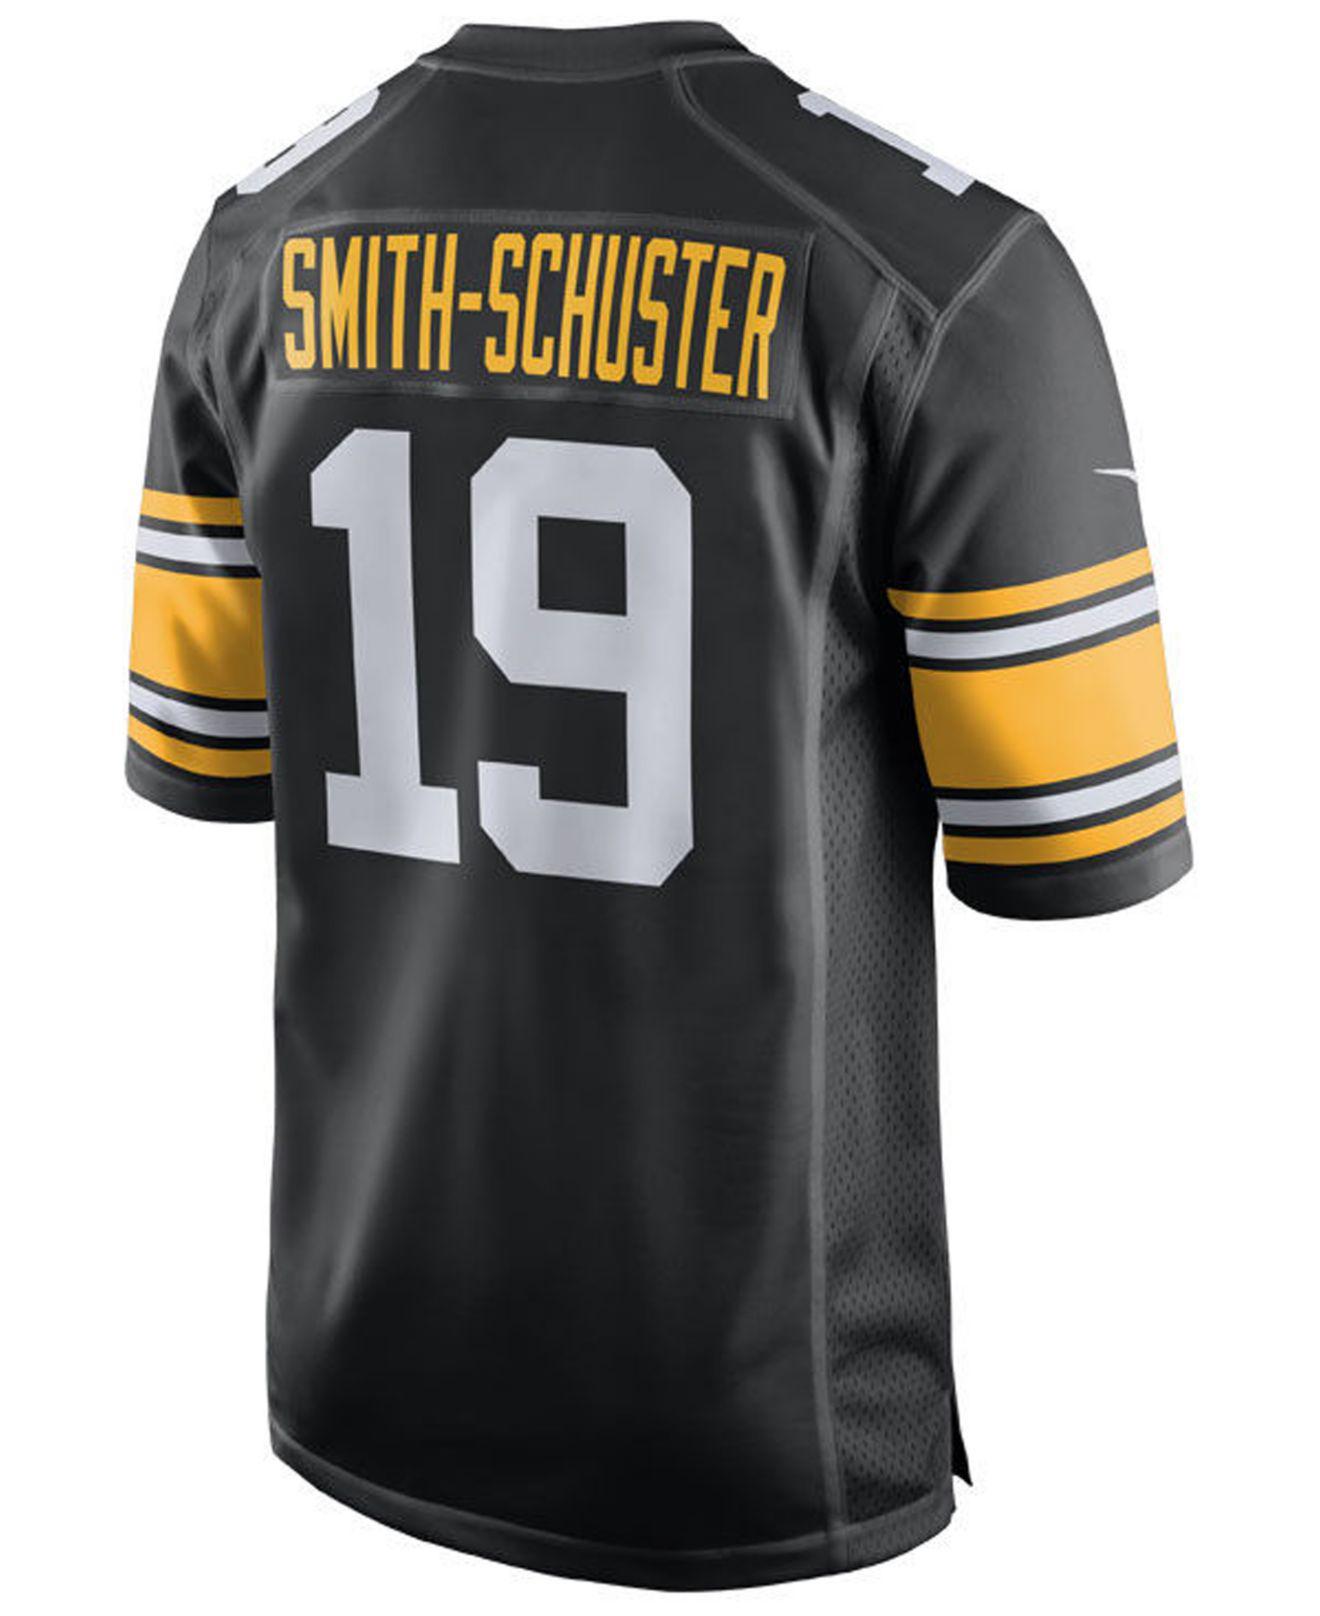 juju smith schuster replica jersey